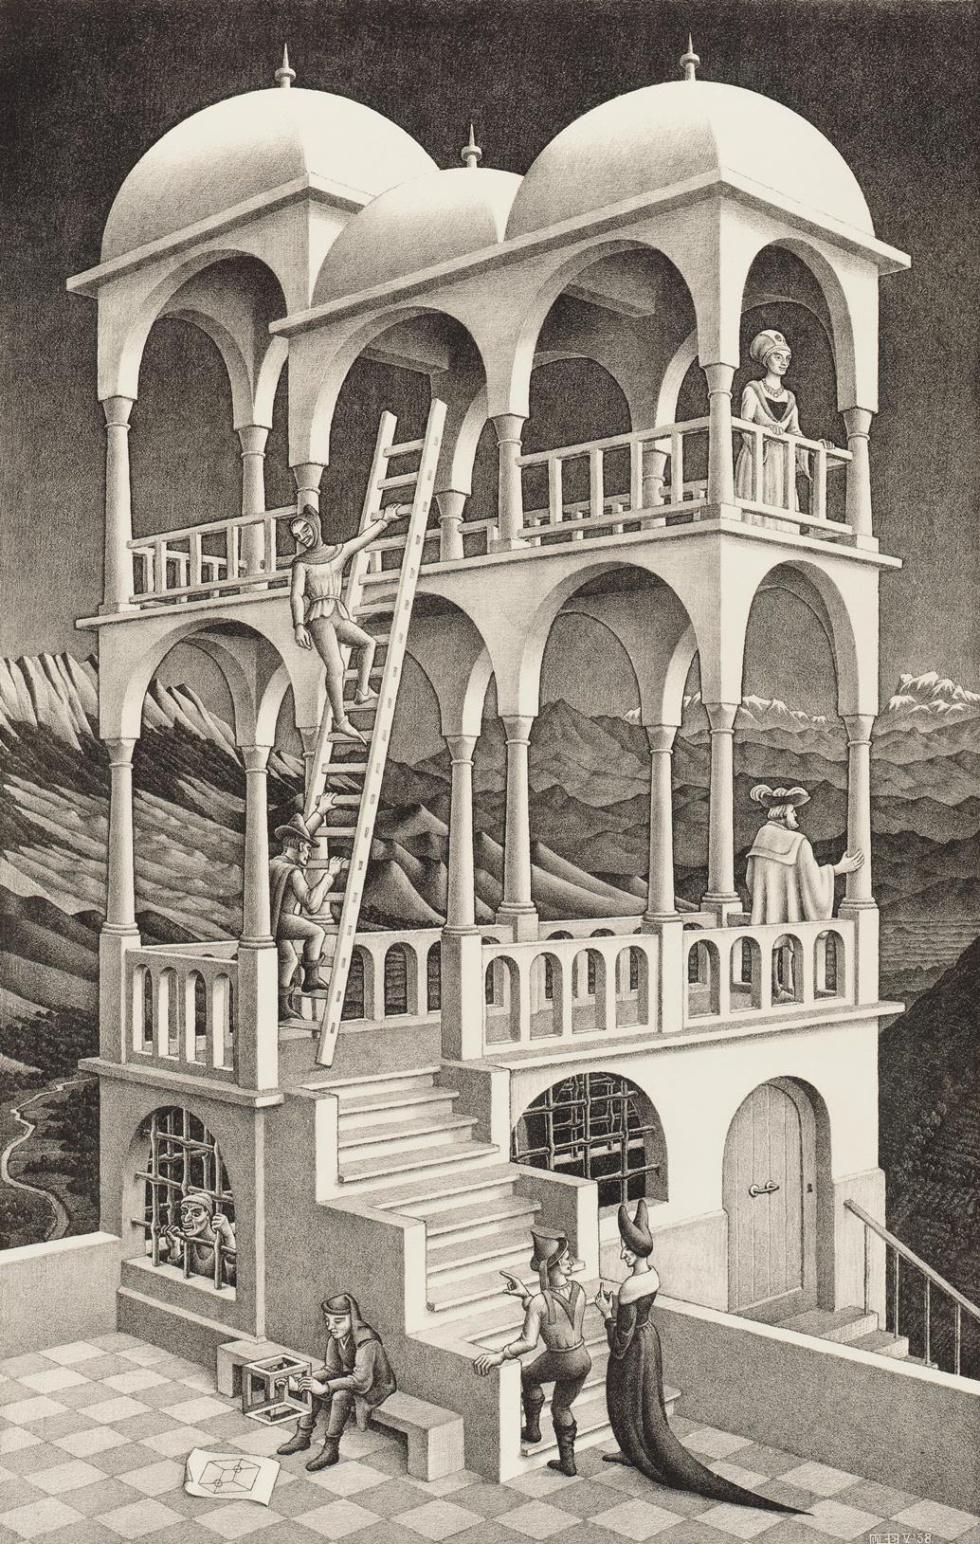 Belvedere, 1958 - Una de las arquitecturas imposibles más celebradas de Escher, fíjense bien, el artista usótécnicas de dibujo en dos dimensiones para causar extrañeza a una construcción aparentemente realista.